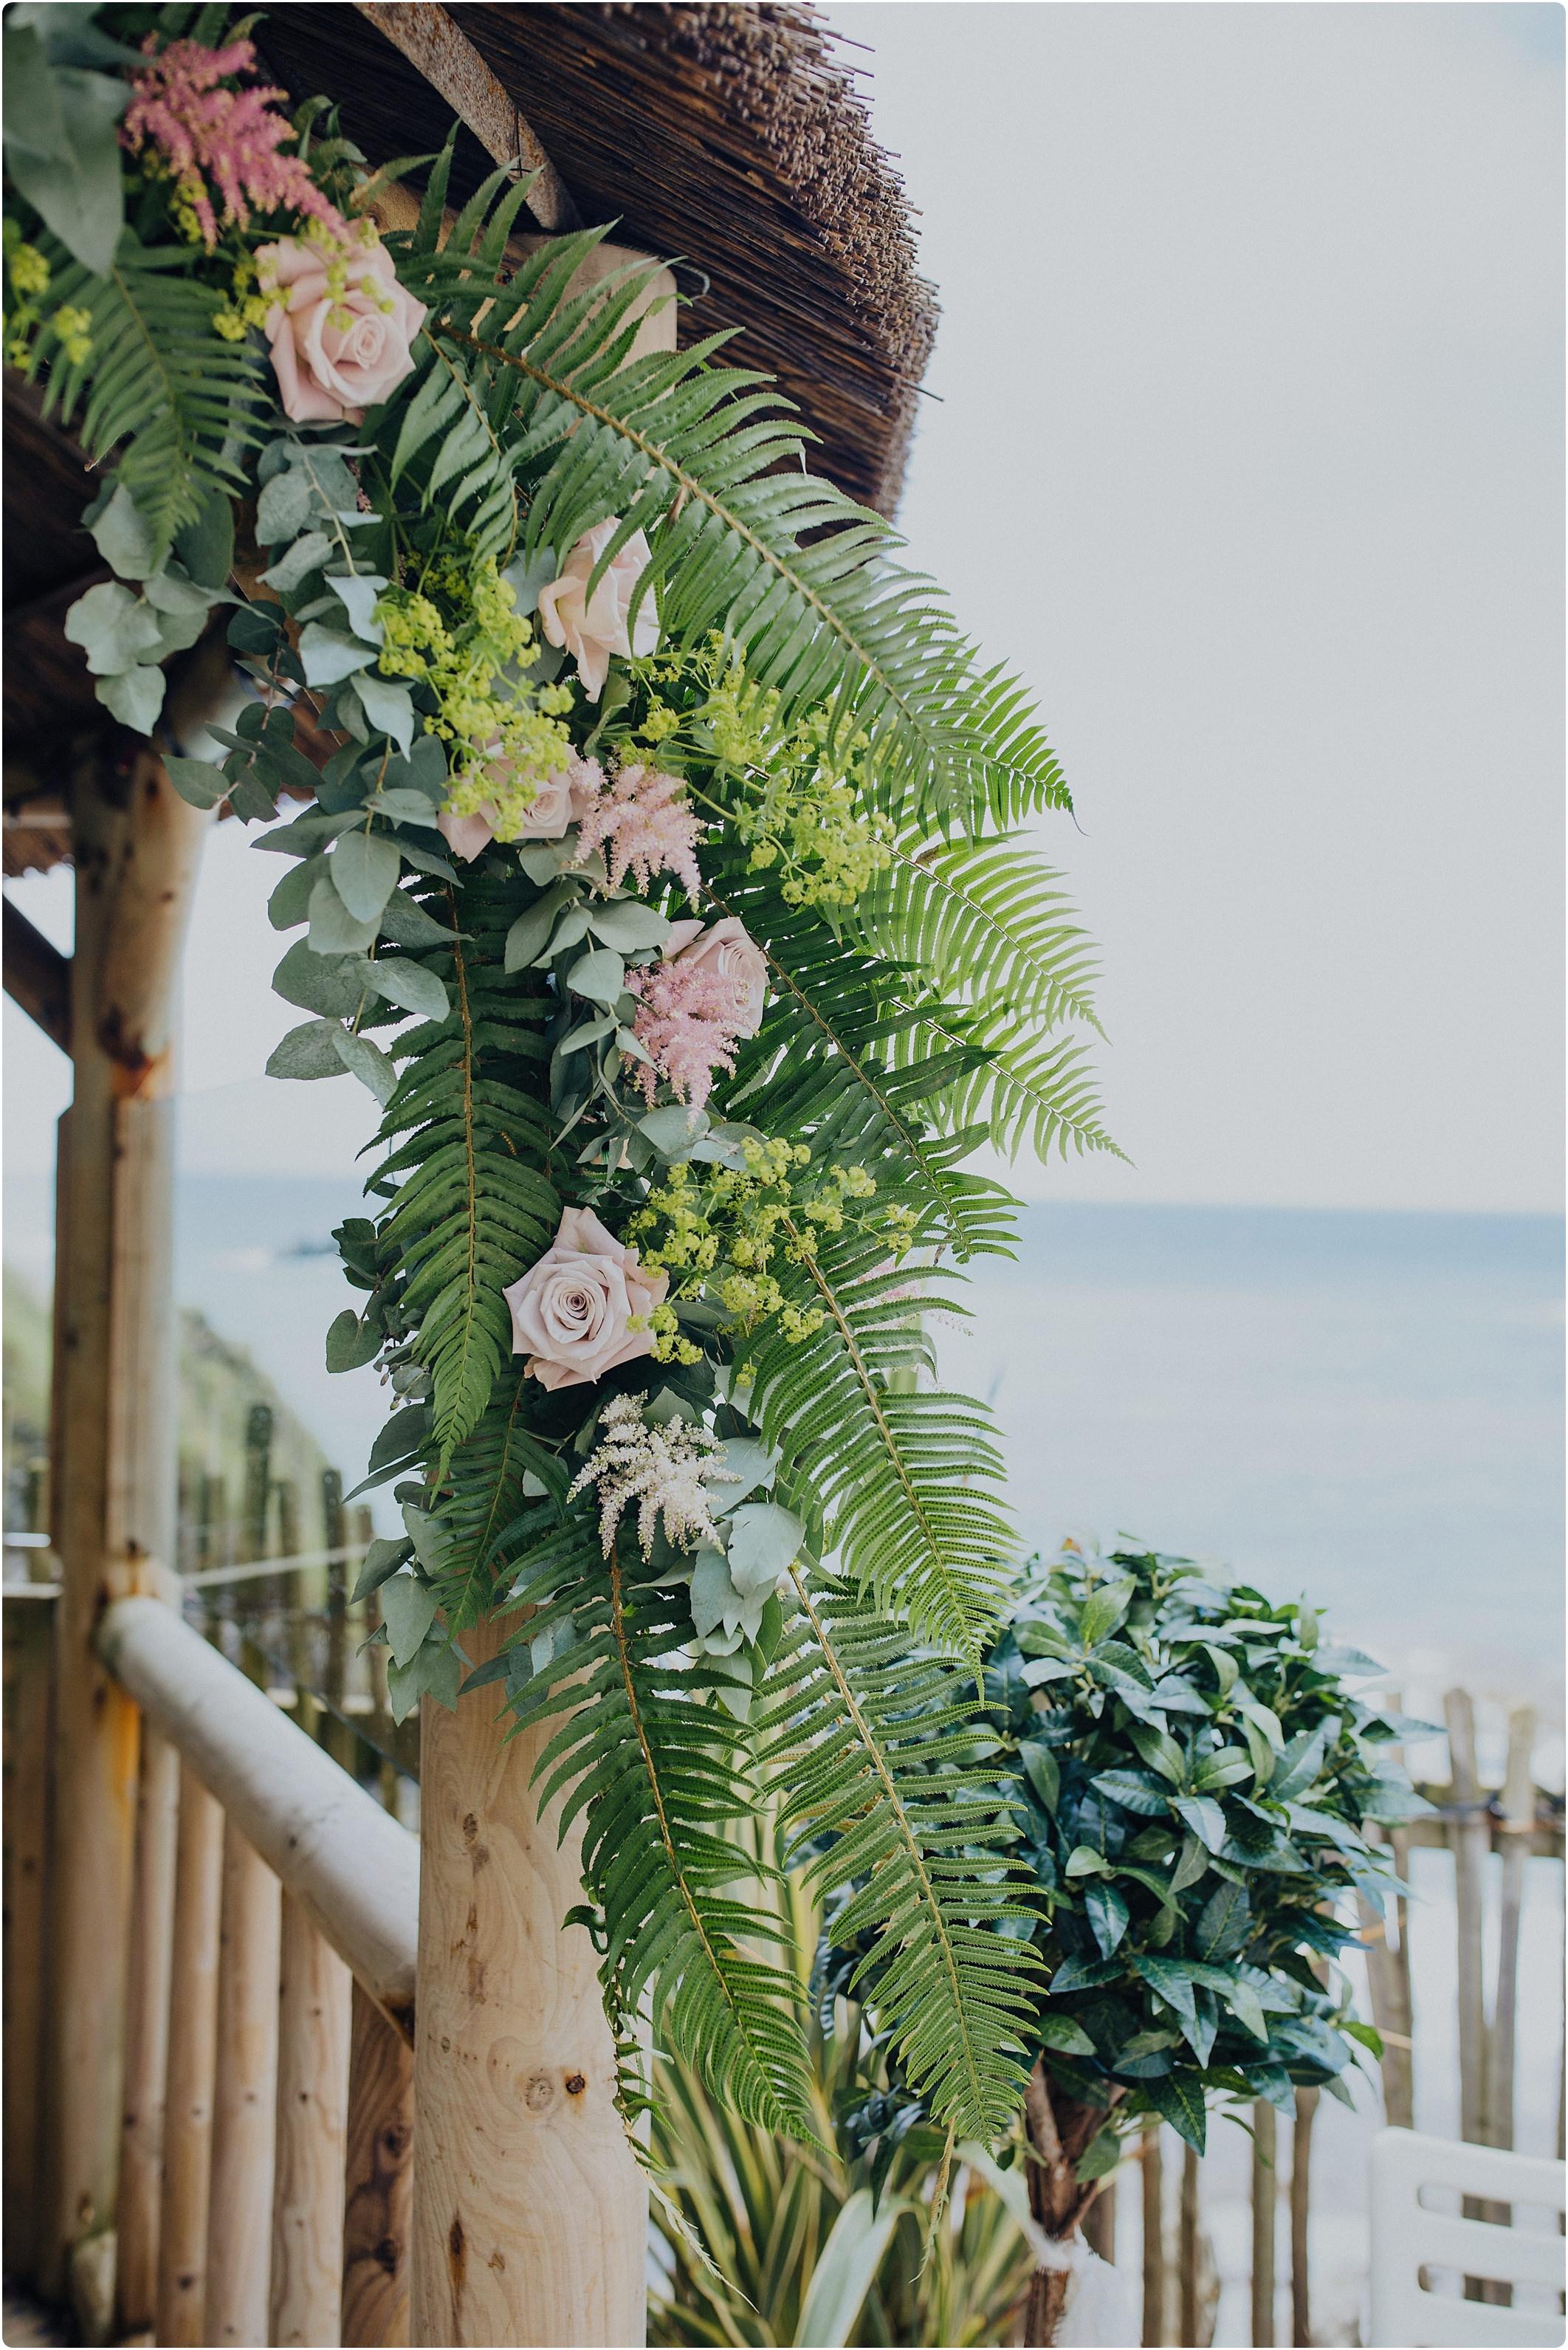 seaside wedding flowers at a tunnels beach wedding